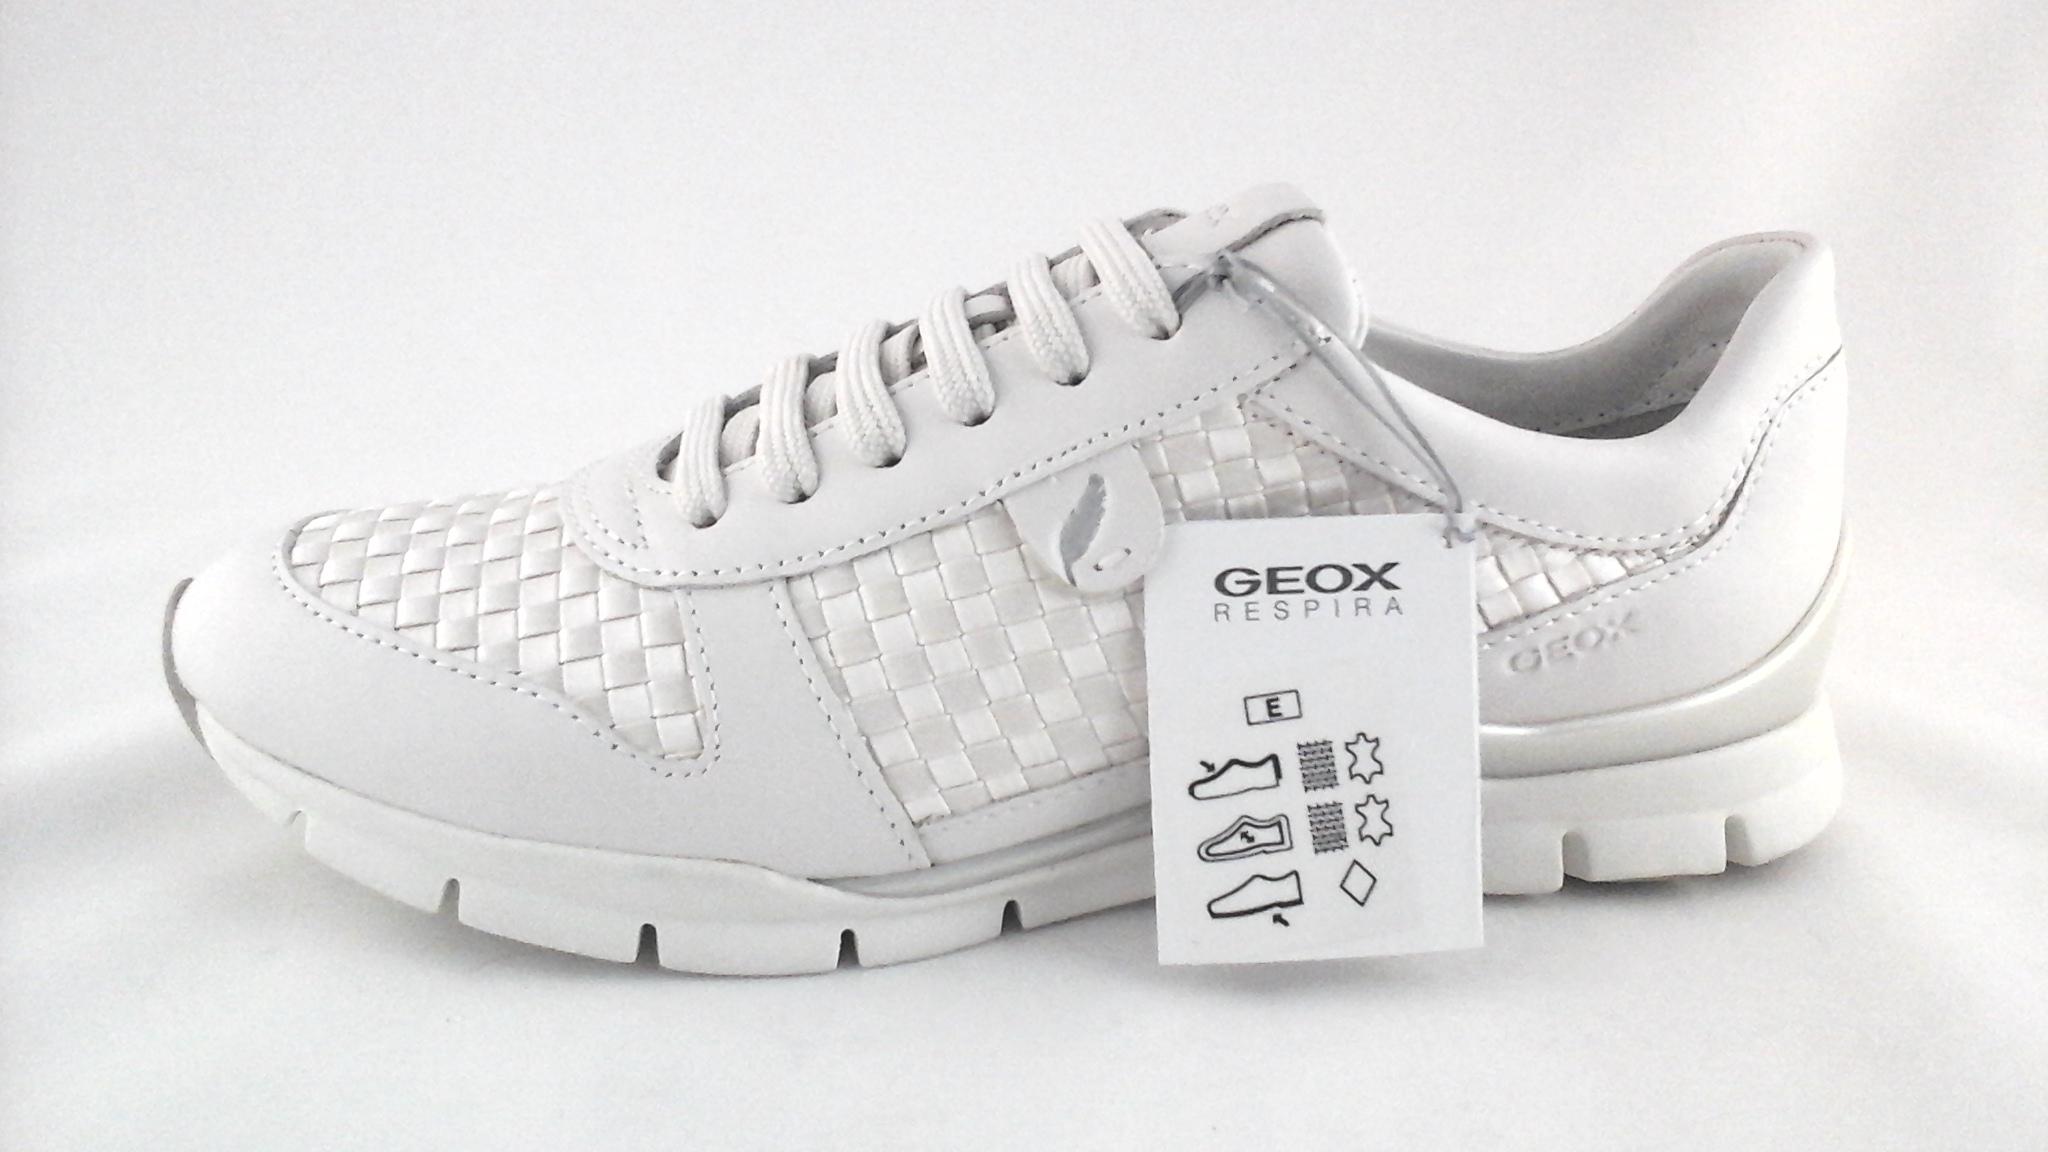 venta de bajo precio siempre popular Últimas tendencias Geox Respira D52F2A Women's Comfort Walking Sport Shoes Pearl US 7 ...